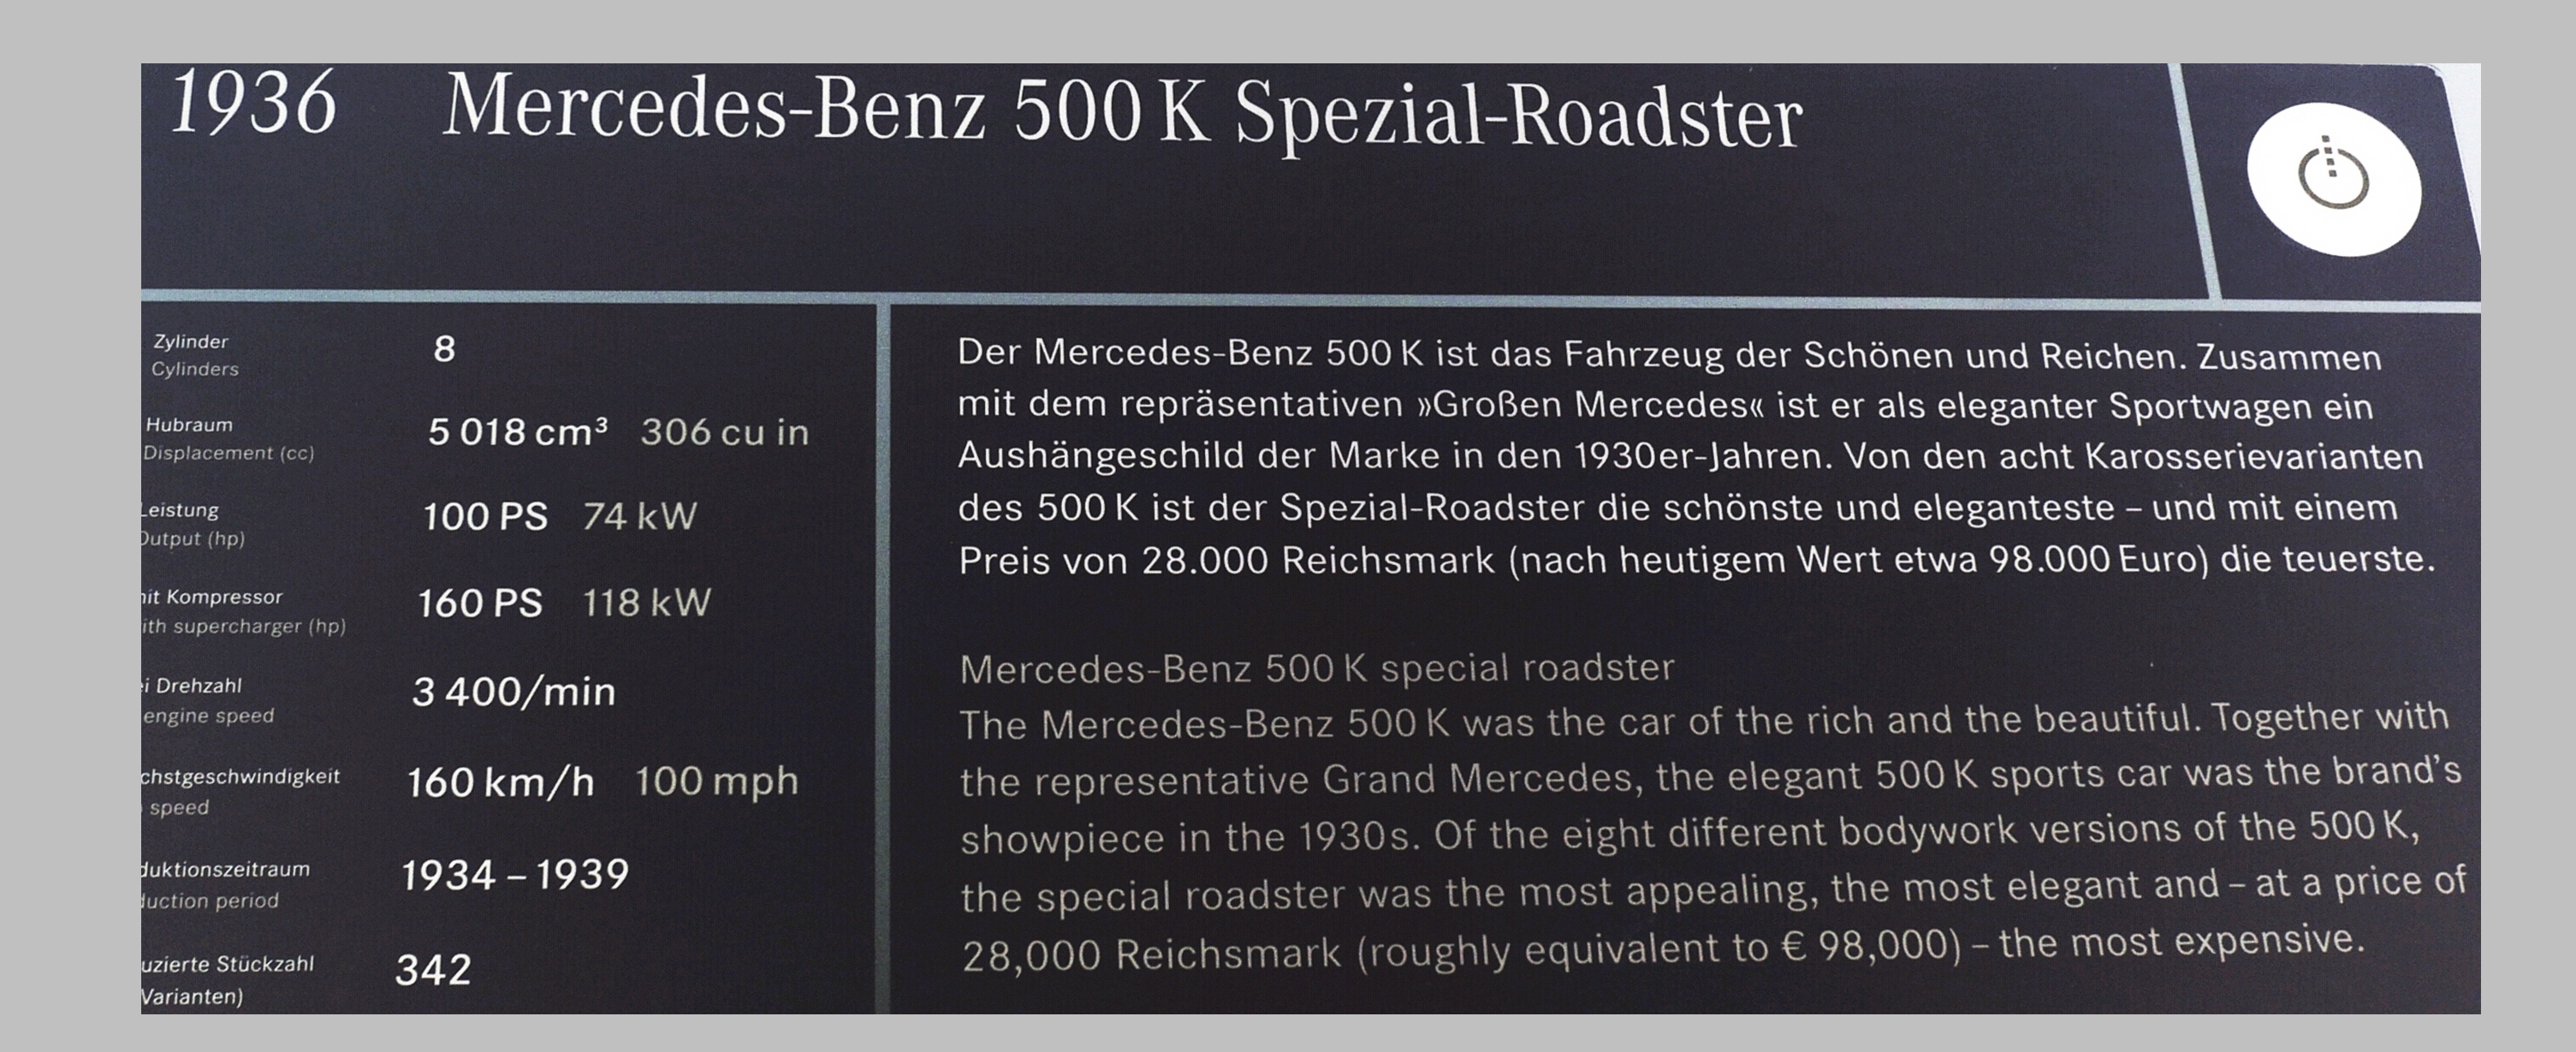 Mercedes Benz Junge Sterne Reutlingen